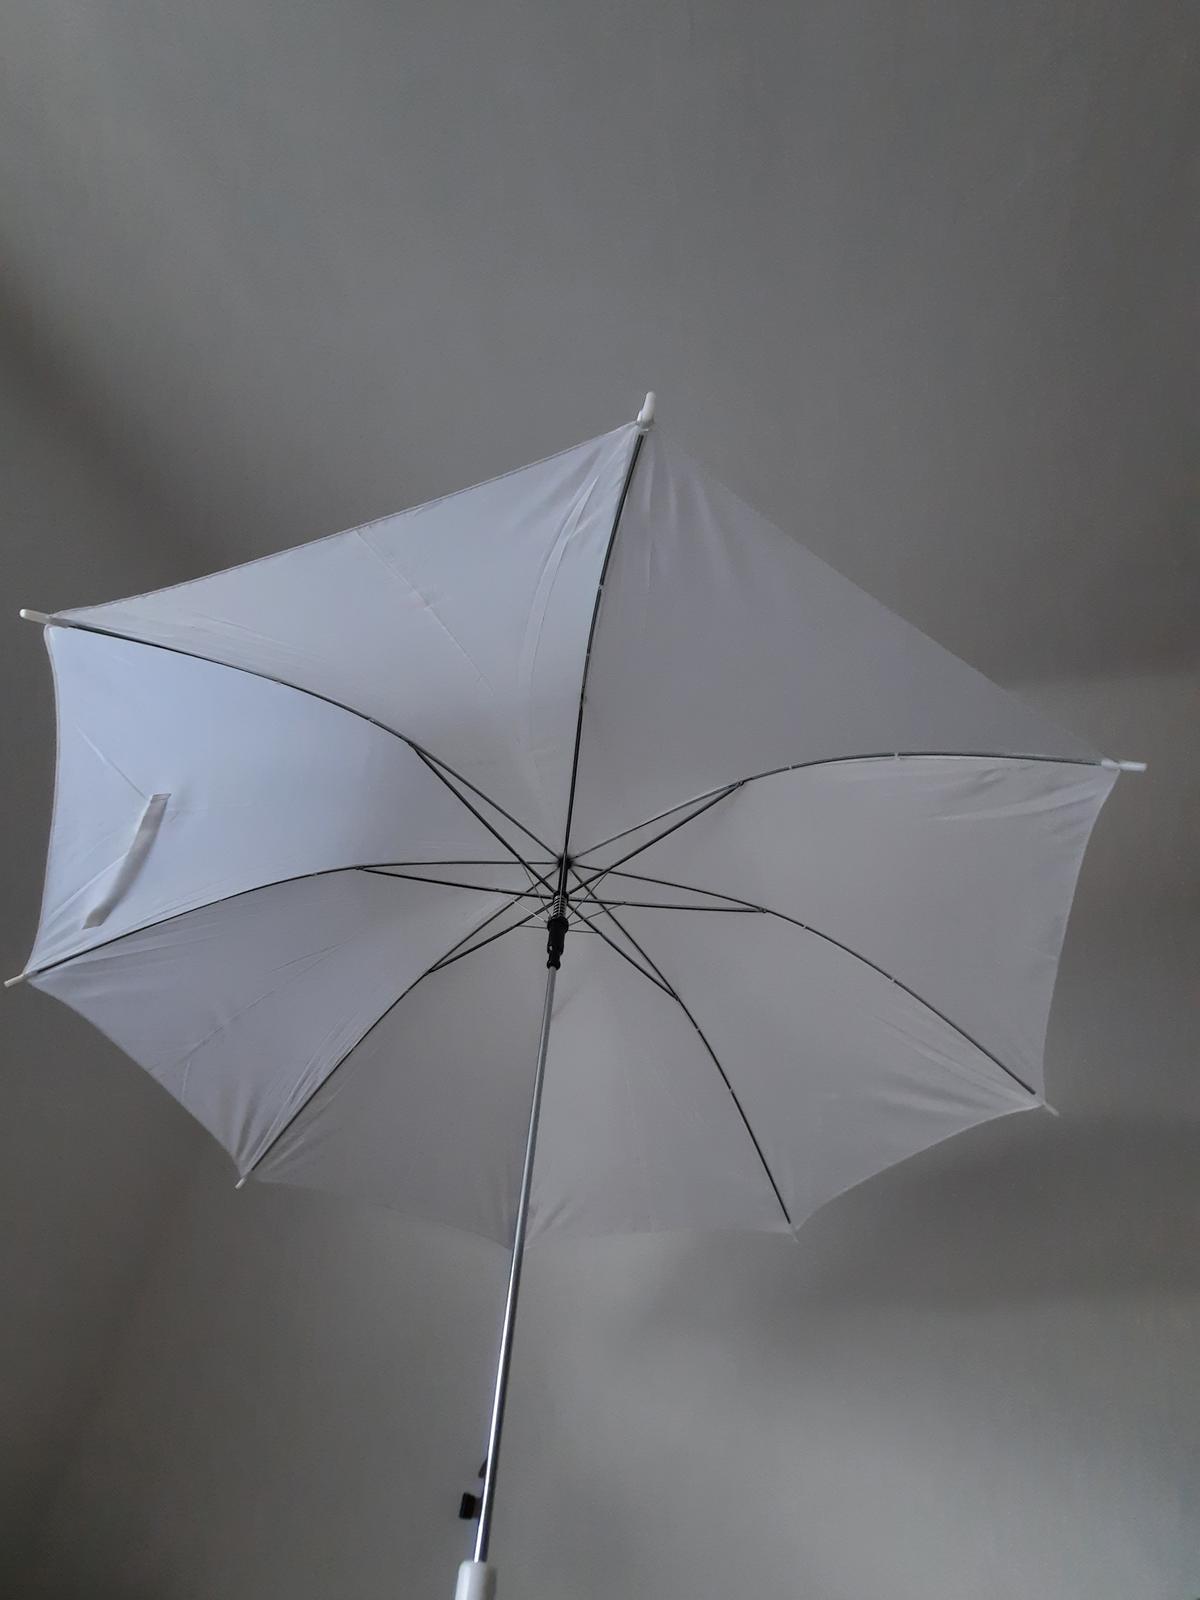 Bílé deštníky 2 ks - Obrázek č. 2